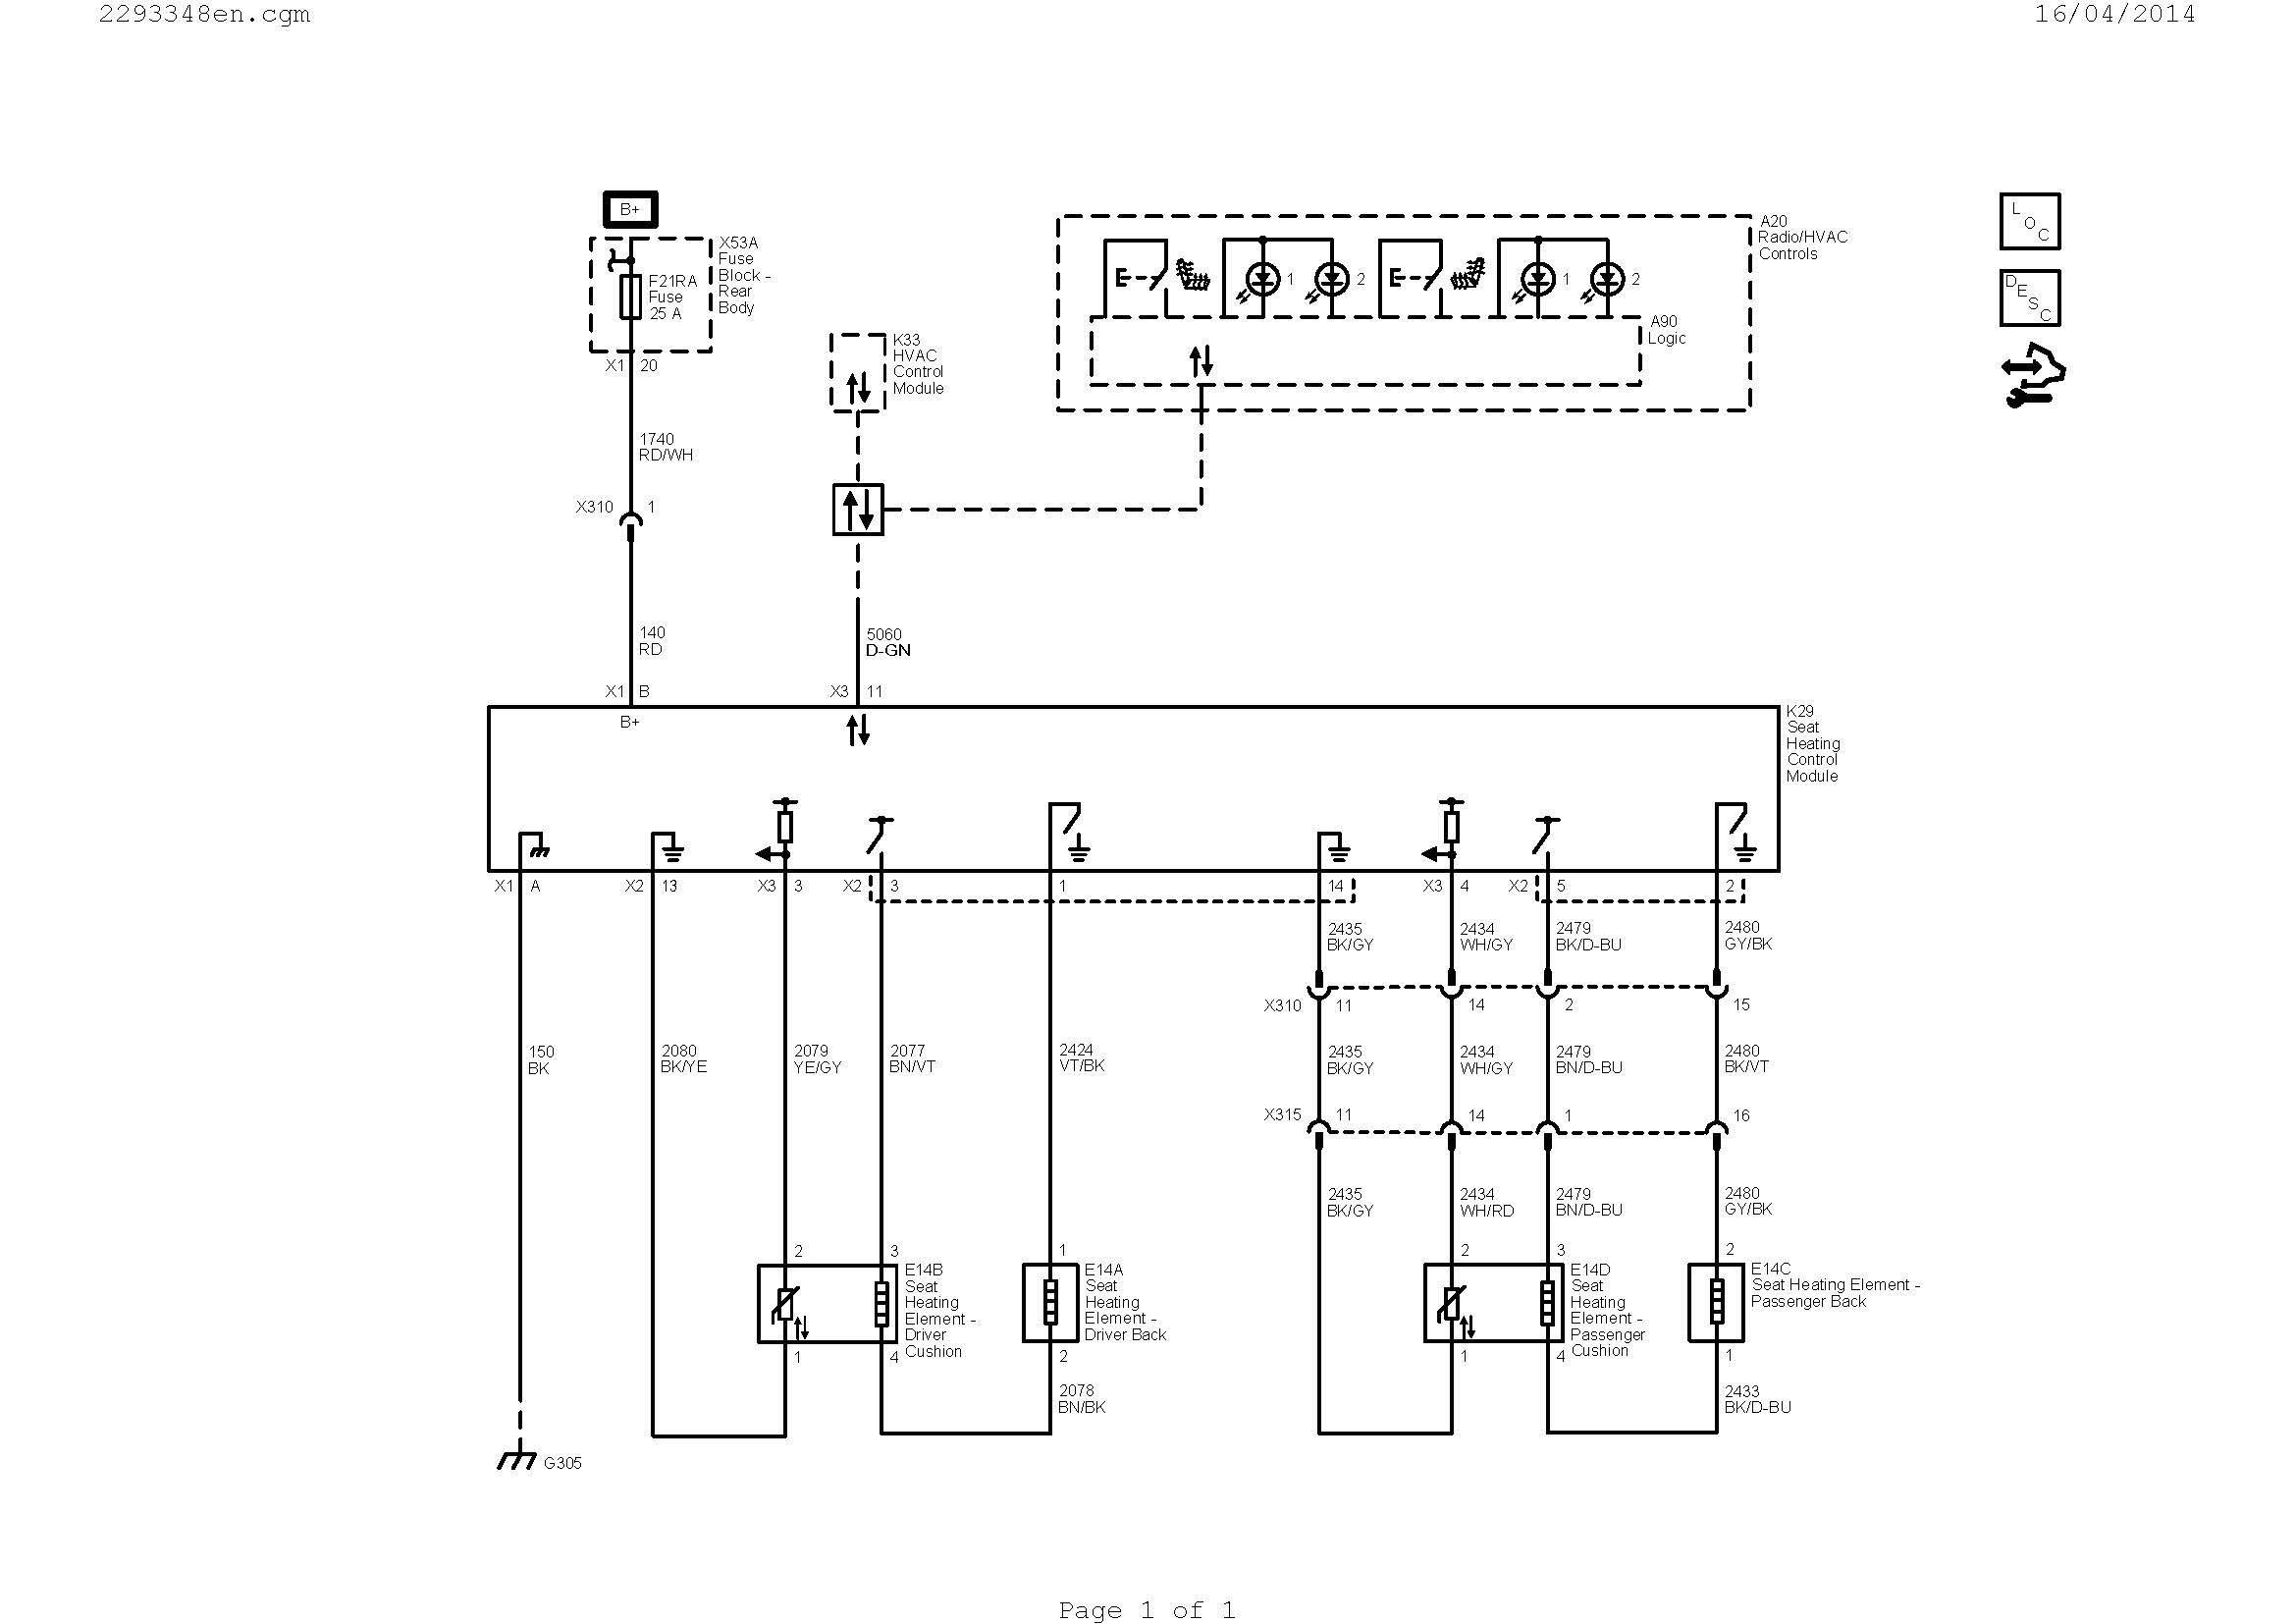 Variac Wiring | Wiring Diagram - 3 Phase Wiring Diagram